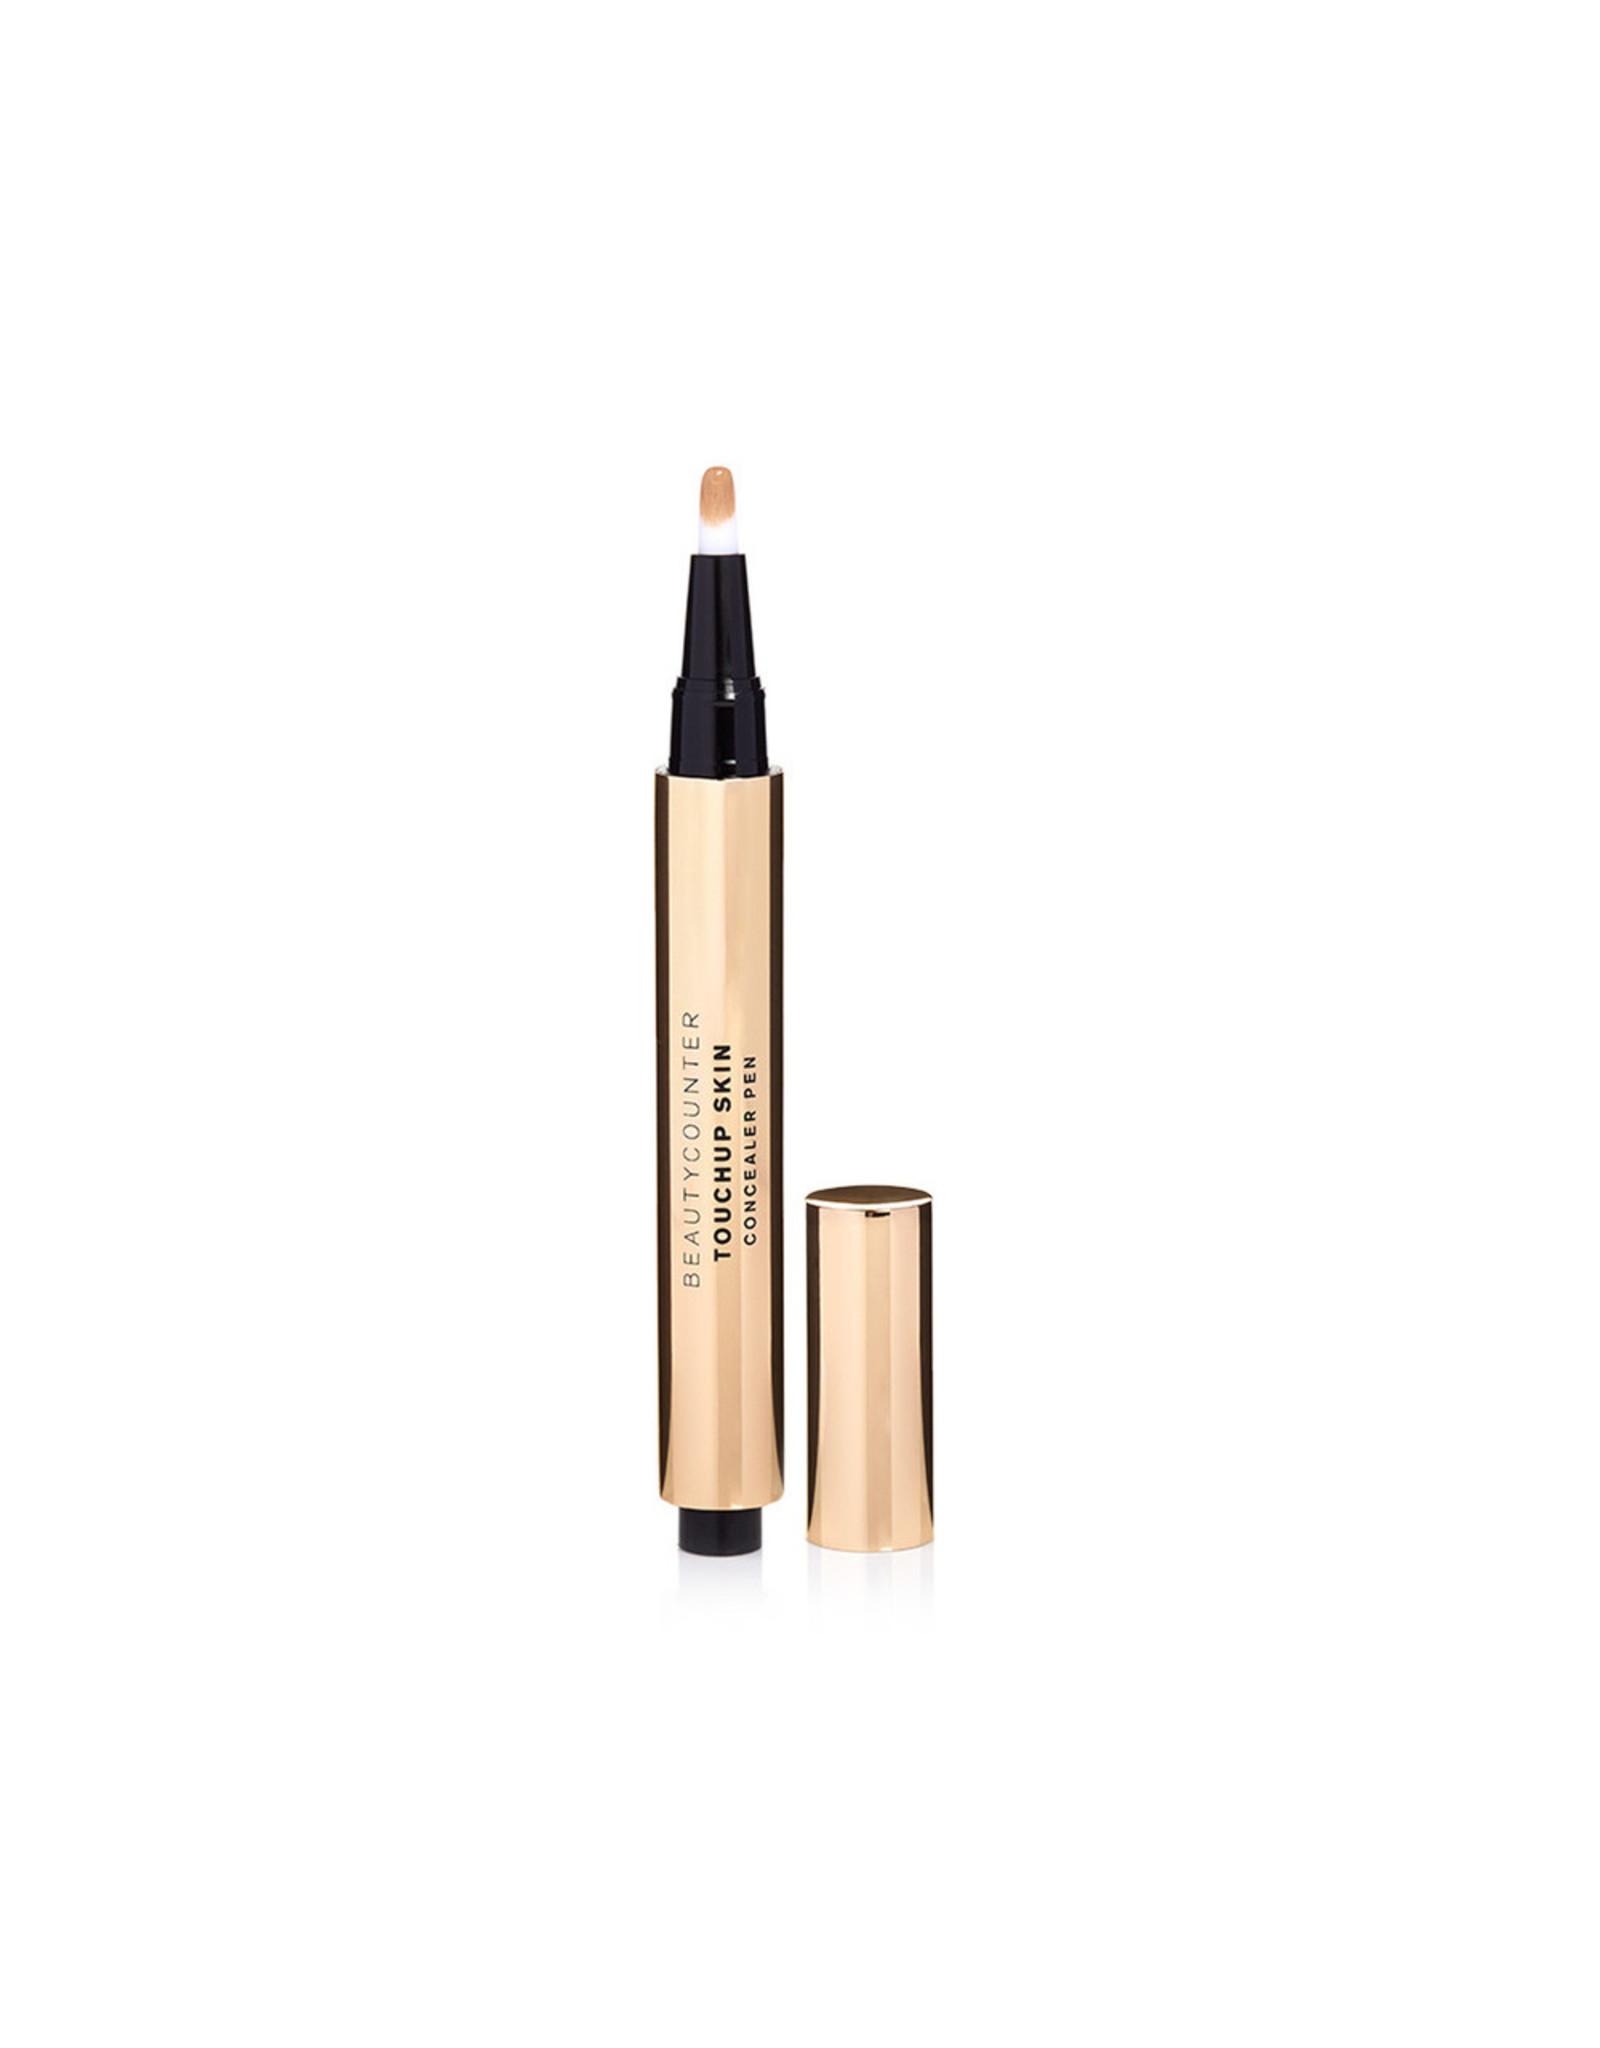 Beautycounter Beautycounter Touchup Skin Concealer Pen (Color: Dark)